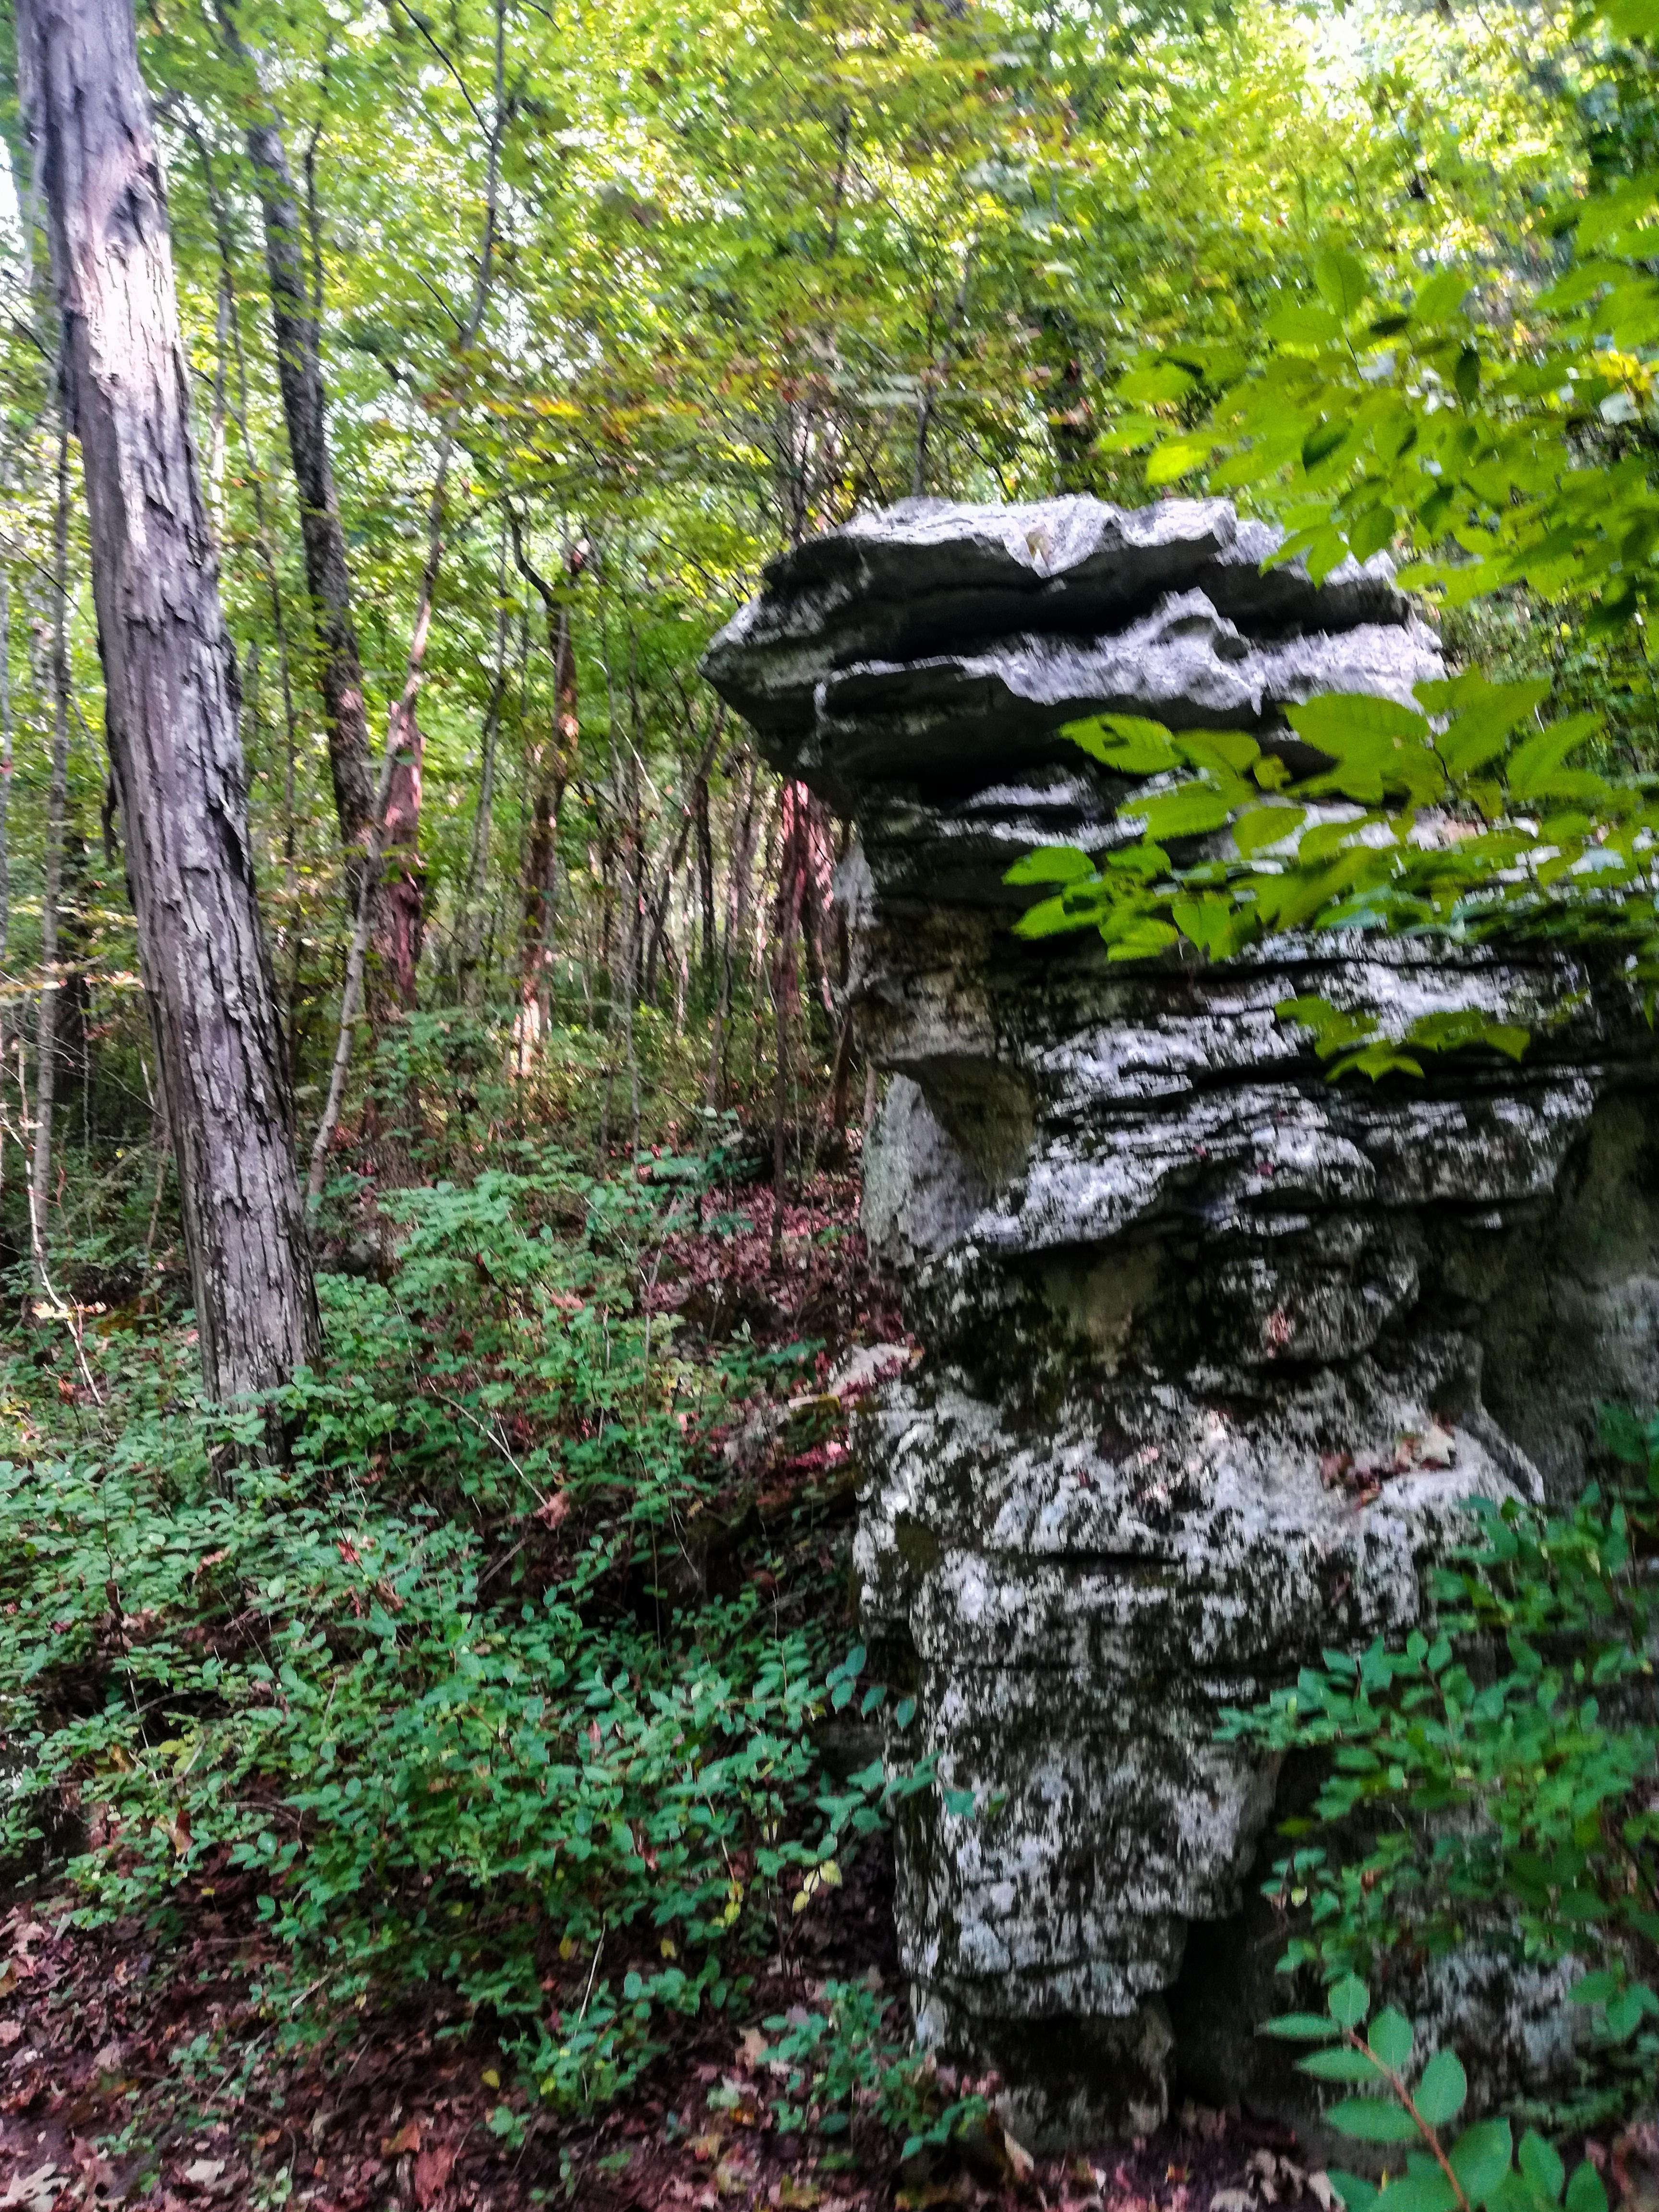 Monte Sano Nature Preserve Alms House Trail